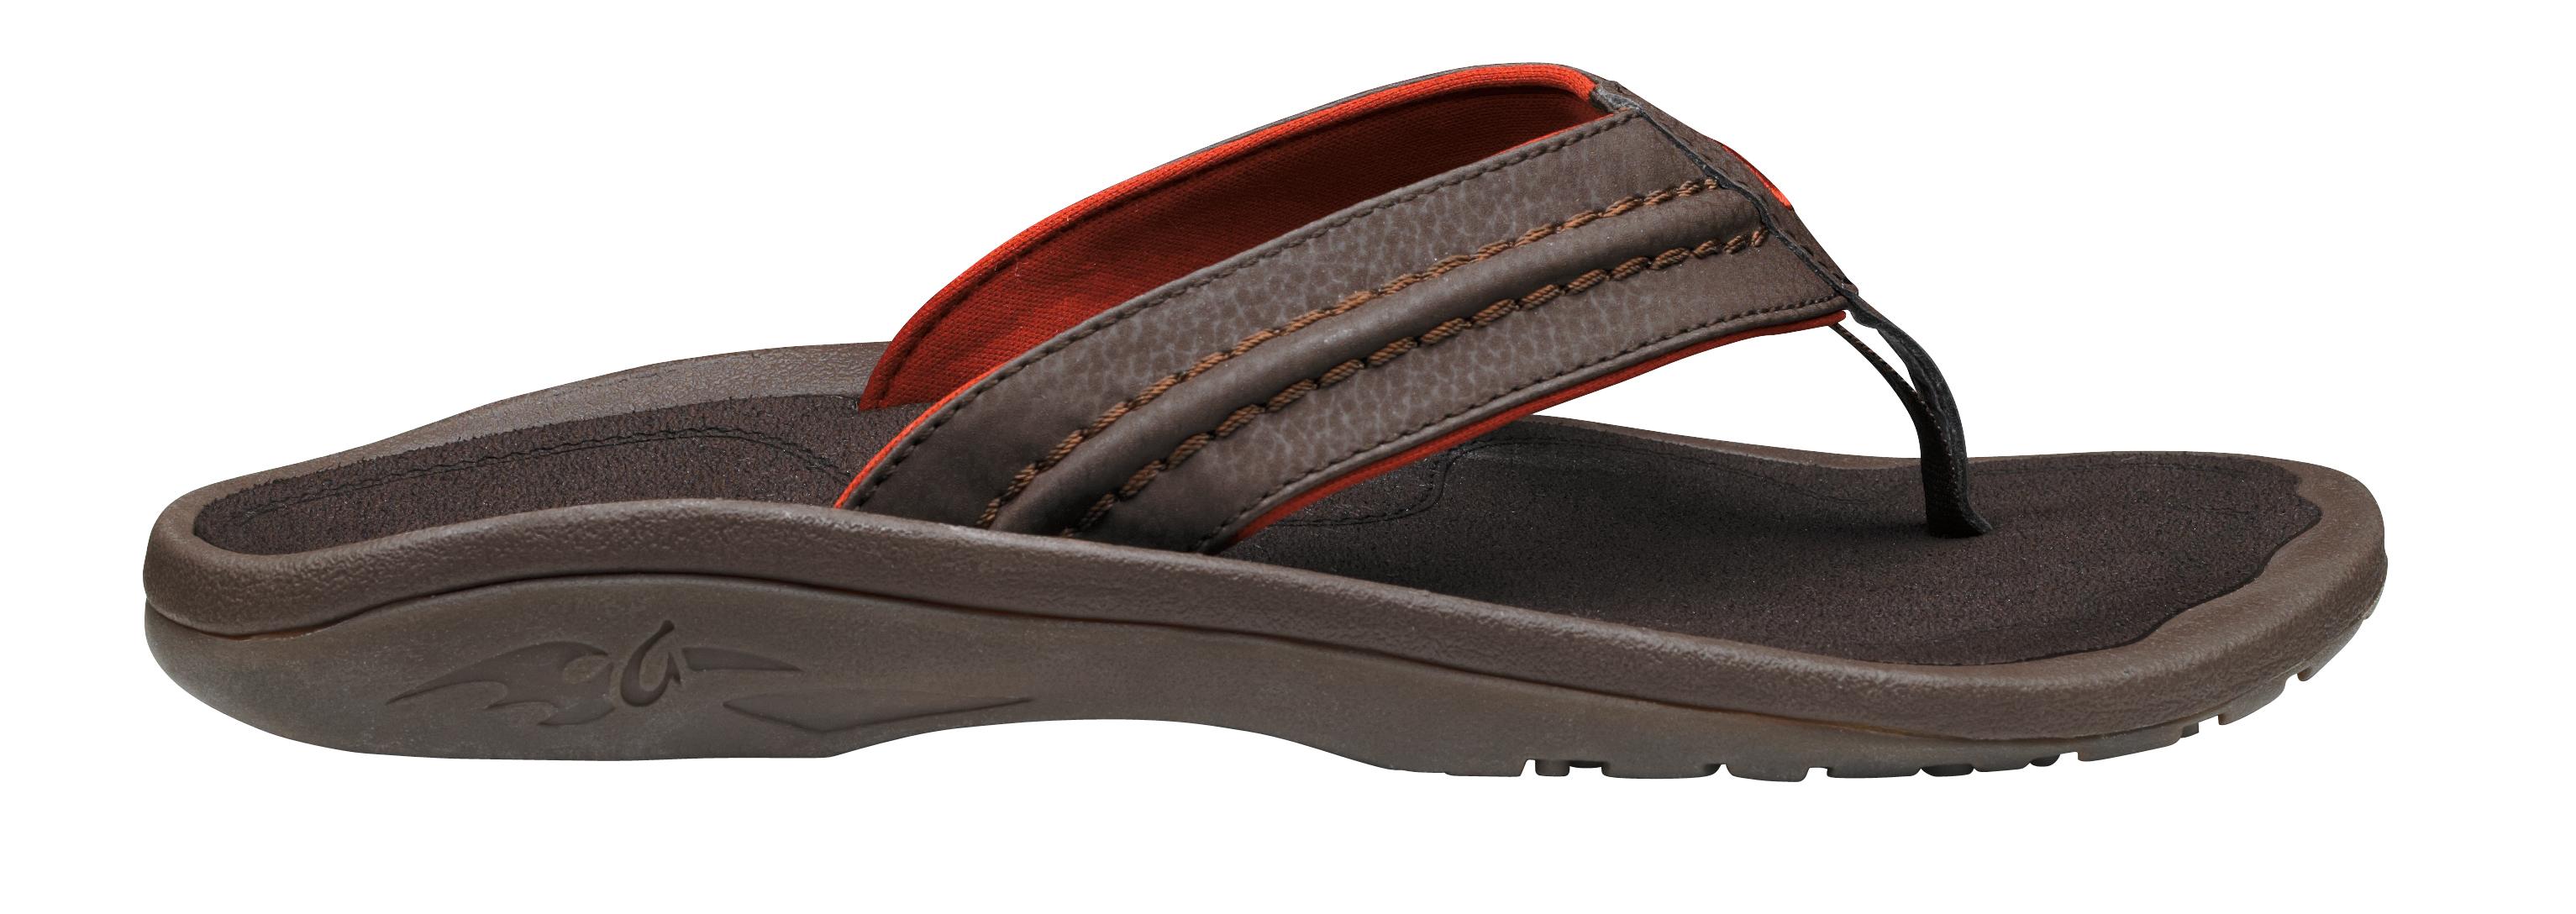 9107fbddabe4 Flip flops